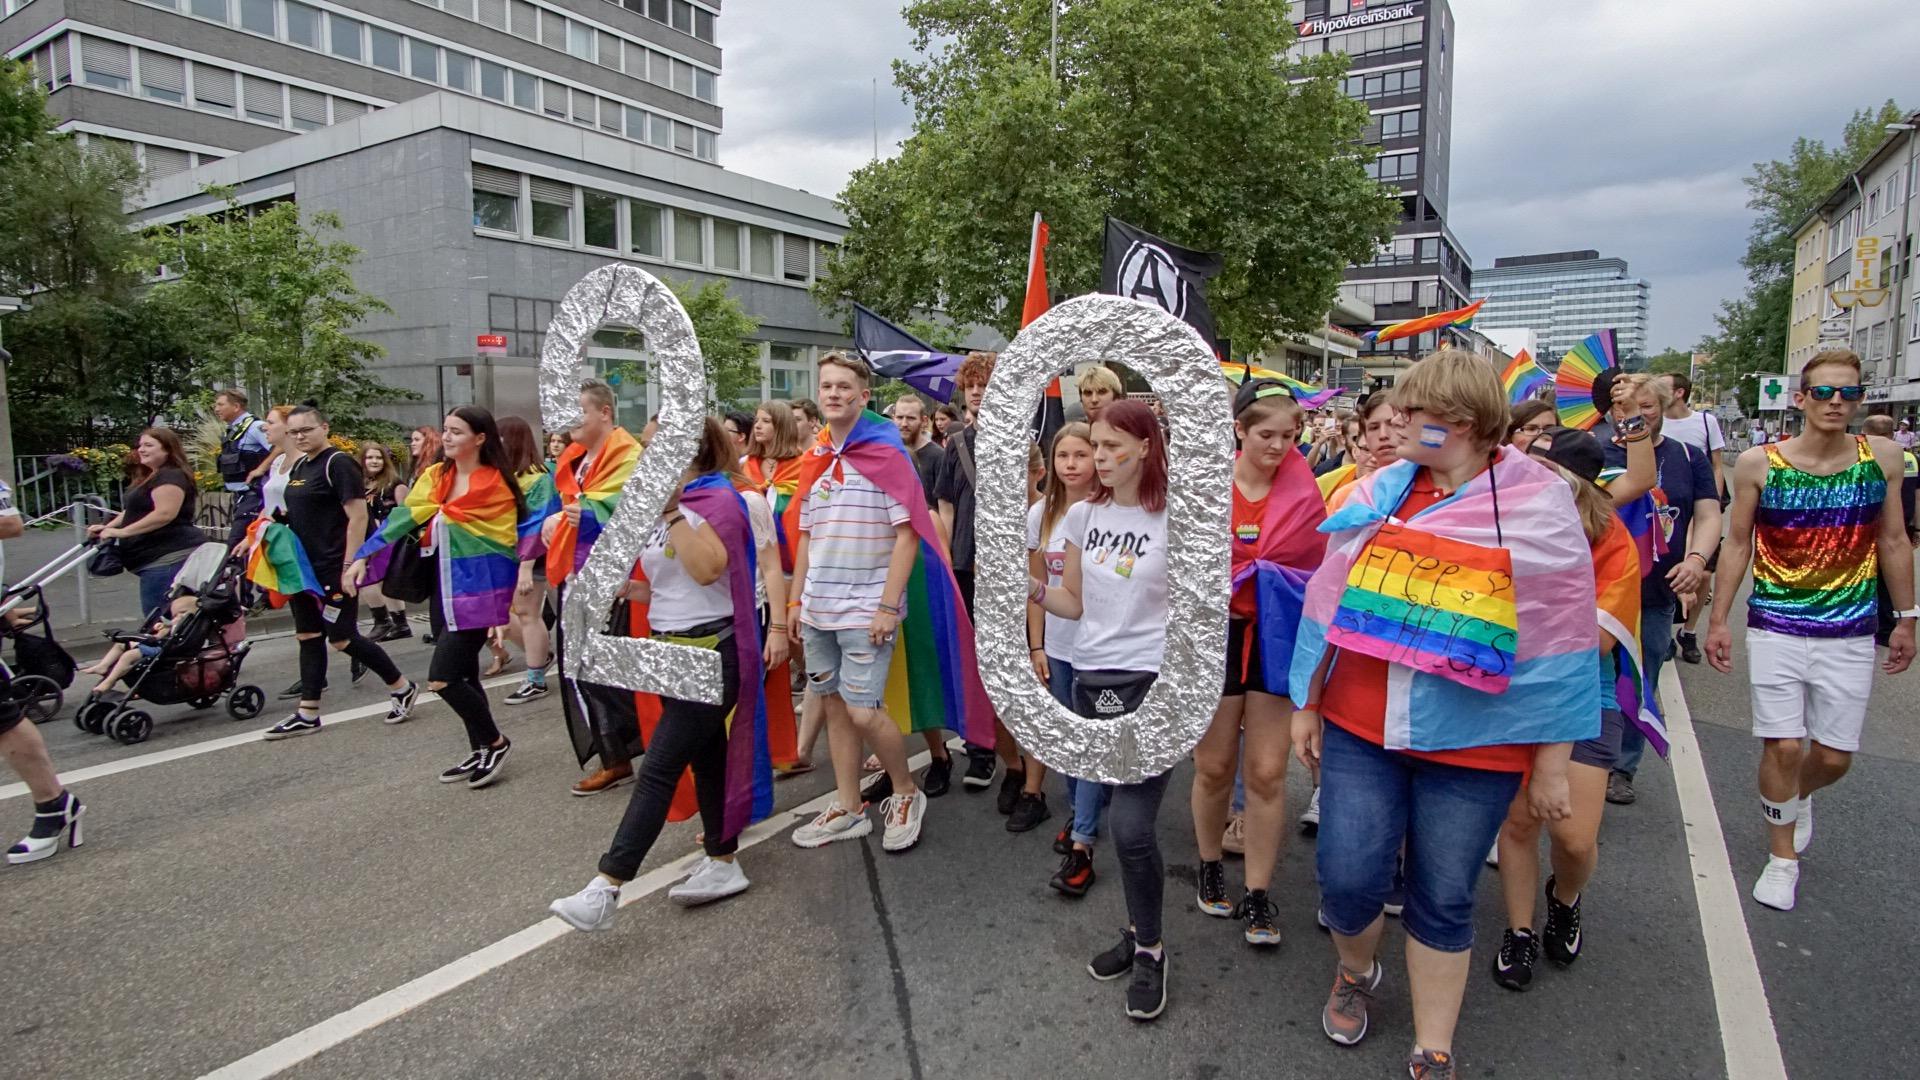 Das Bild zeigt Menschen beim CSD in der Demonstration